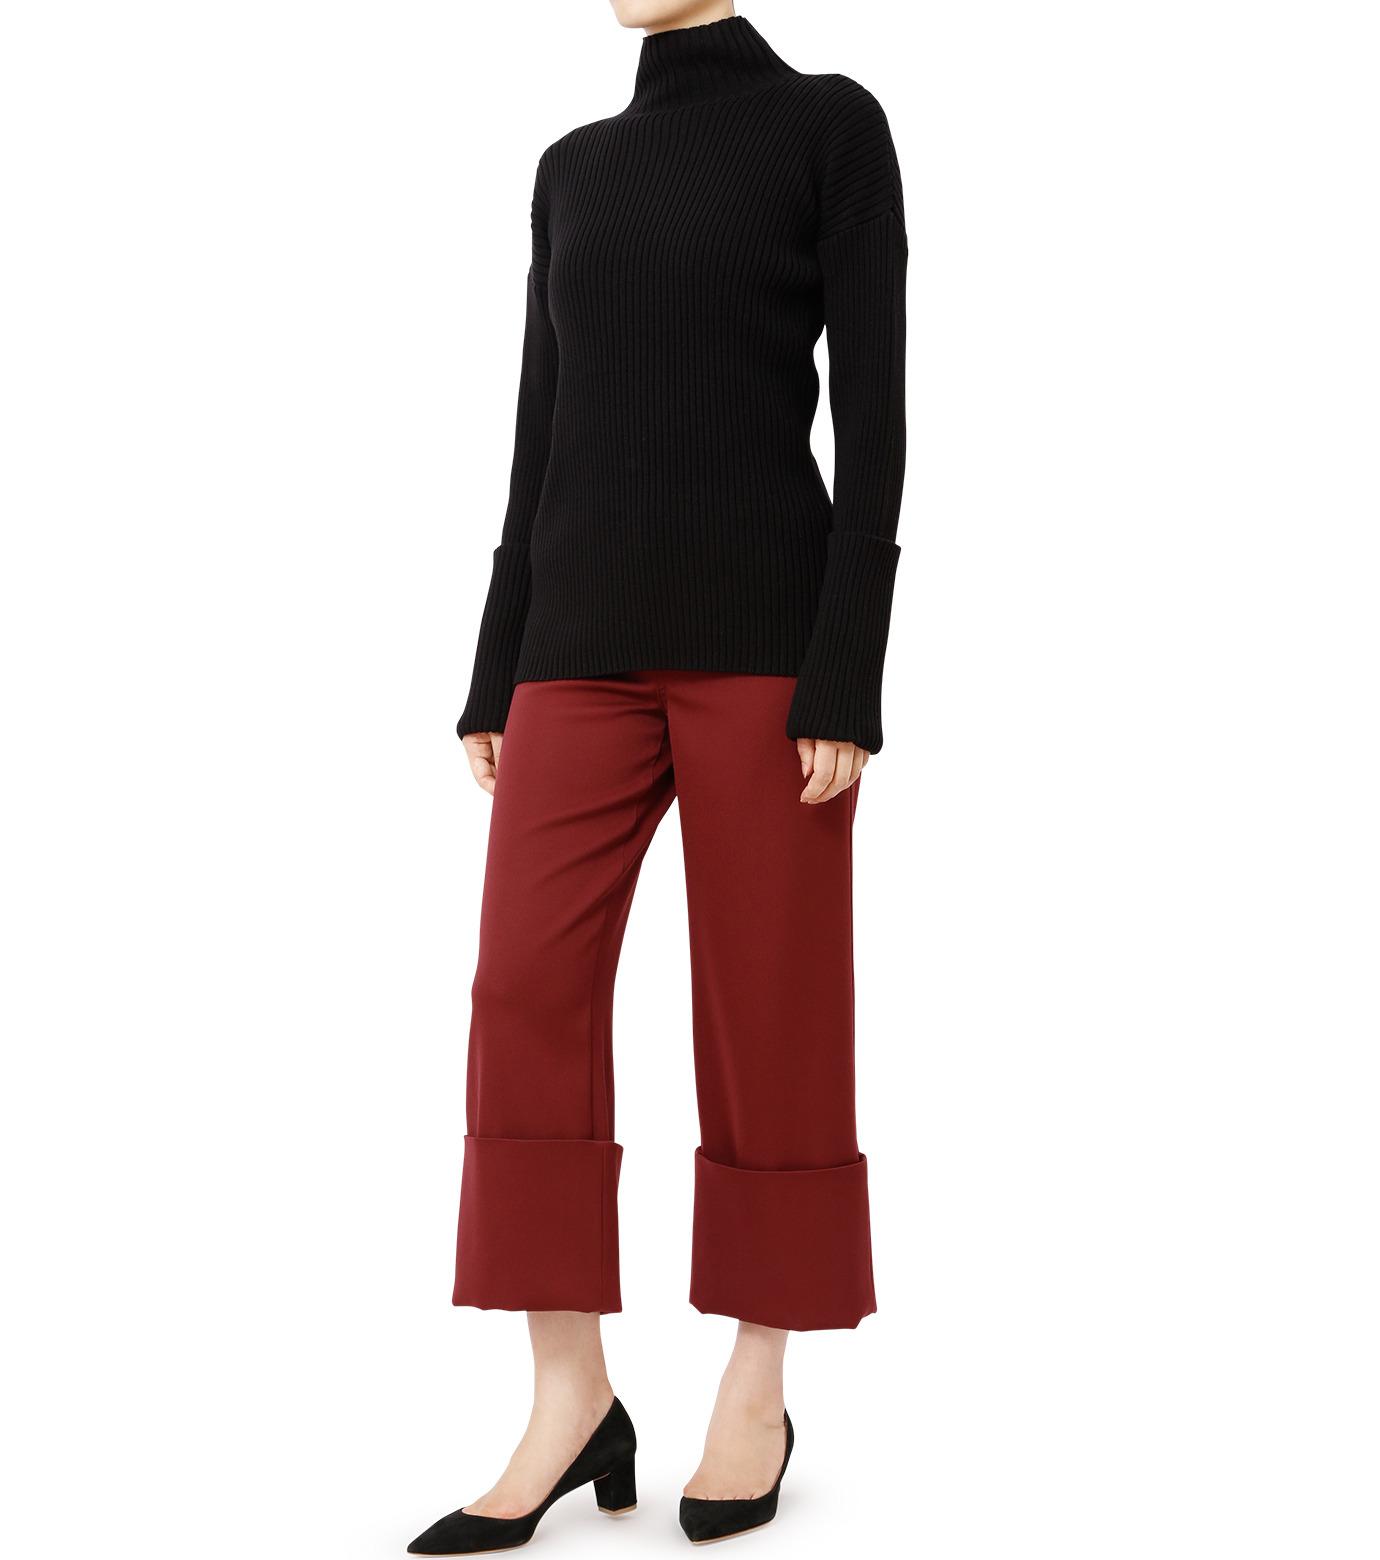 LE CIEL BLEU(ルシェルブルー)のWクローズフォールドバックパンツ-BORDEAUX(パンツ/pants)-18A68302 拡大詳細画像3